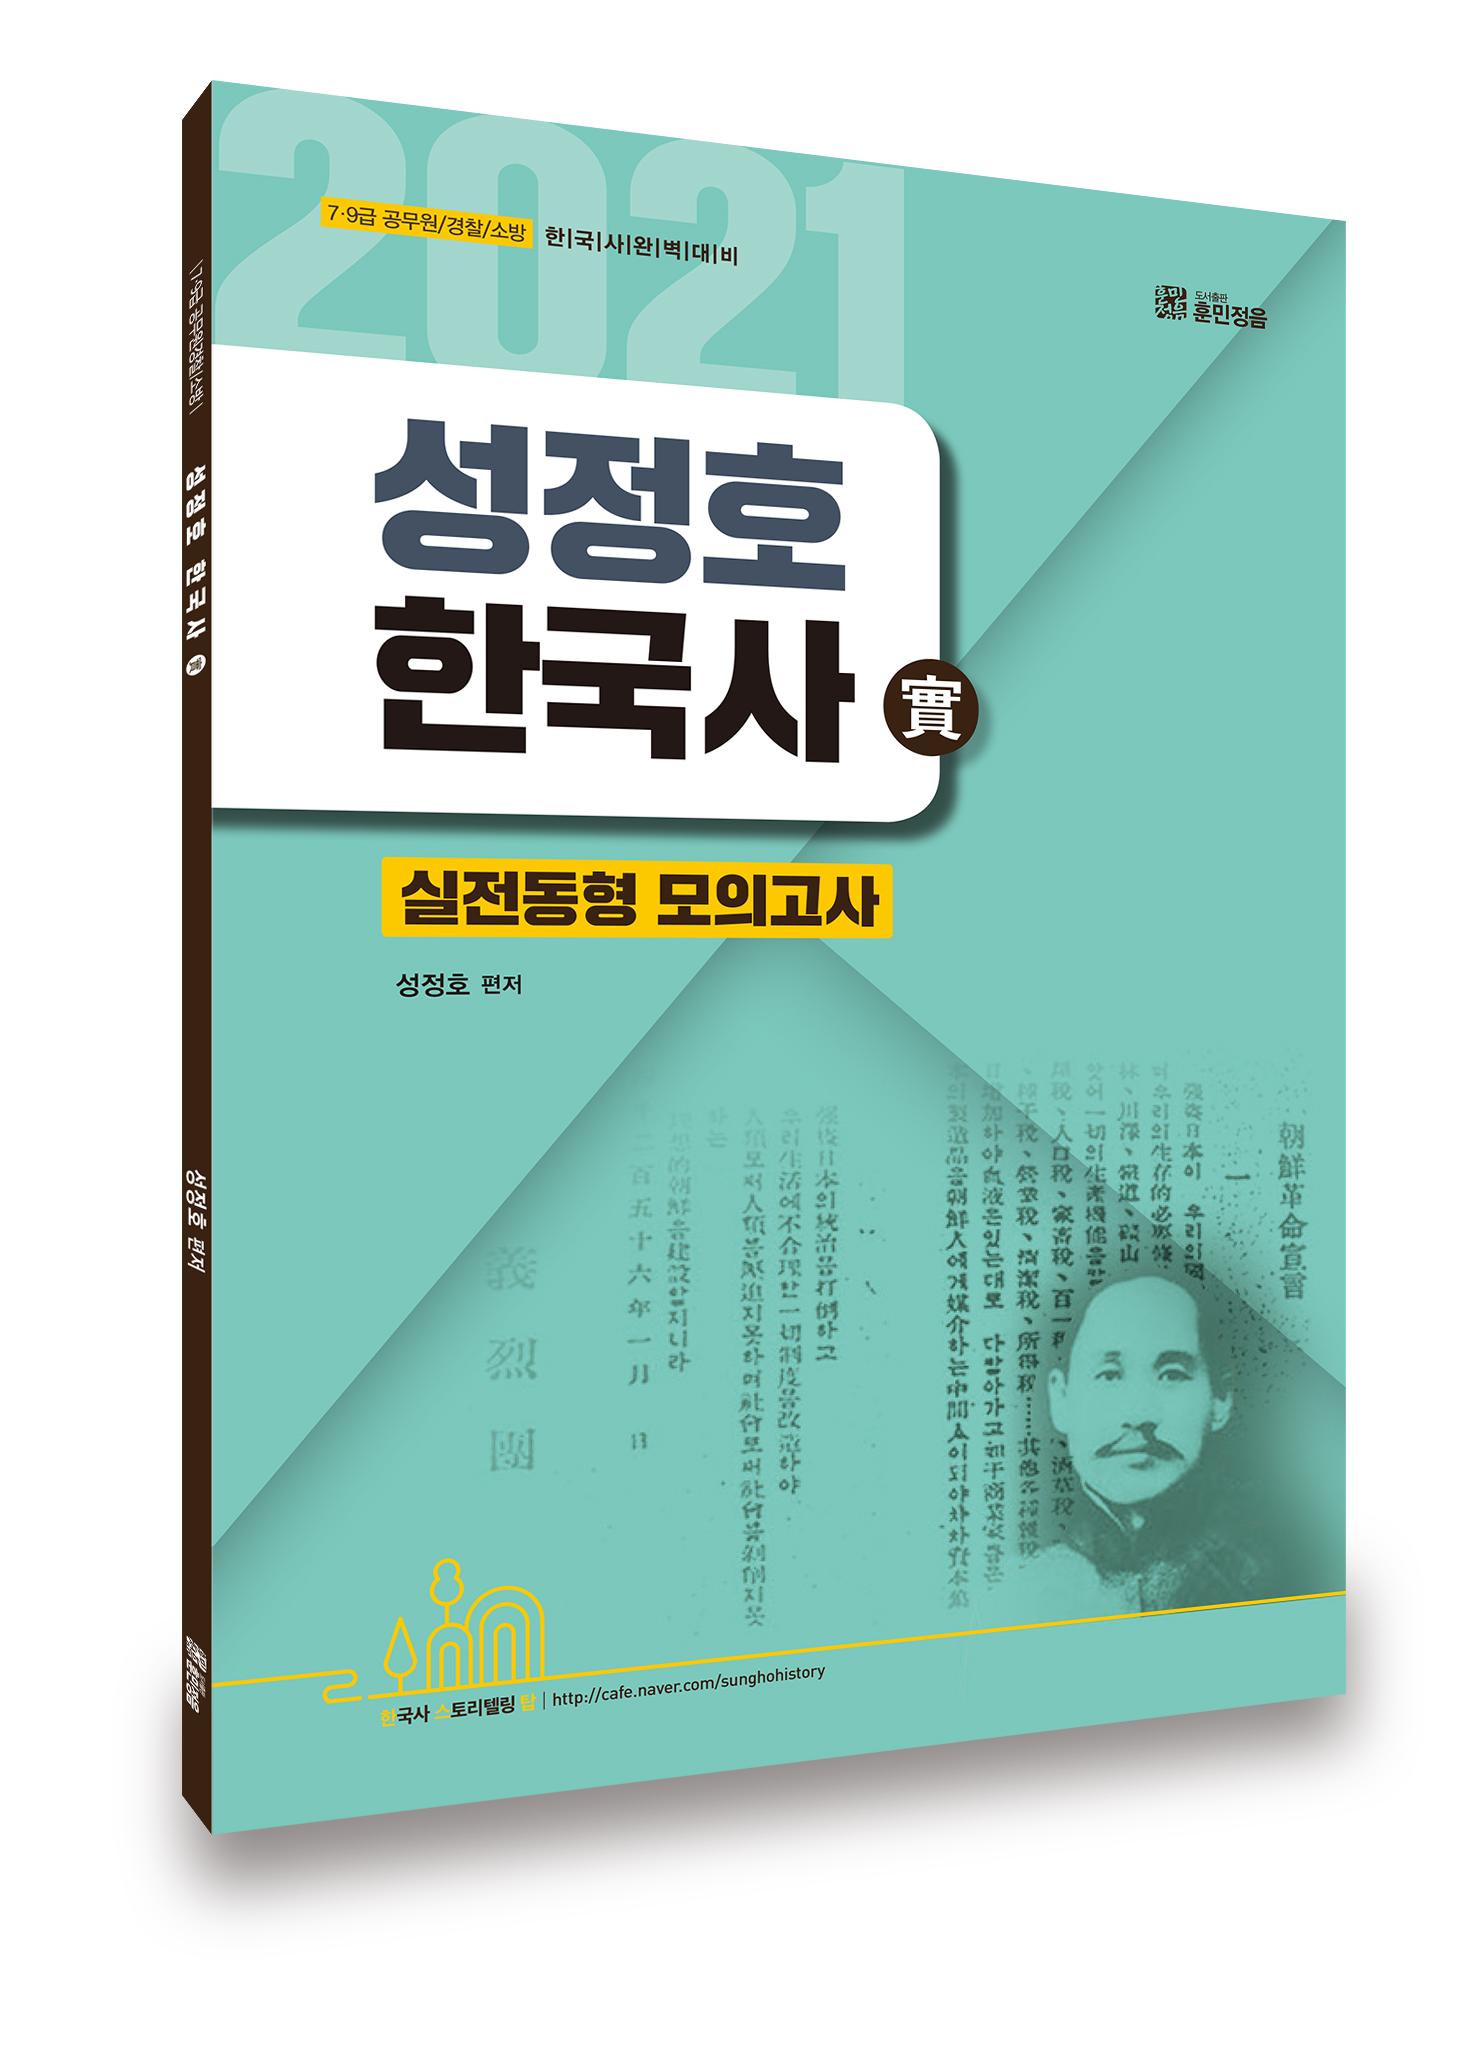 성정호 한국사 실전동형 모의고사 實